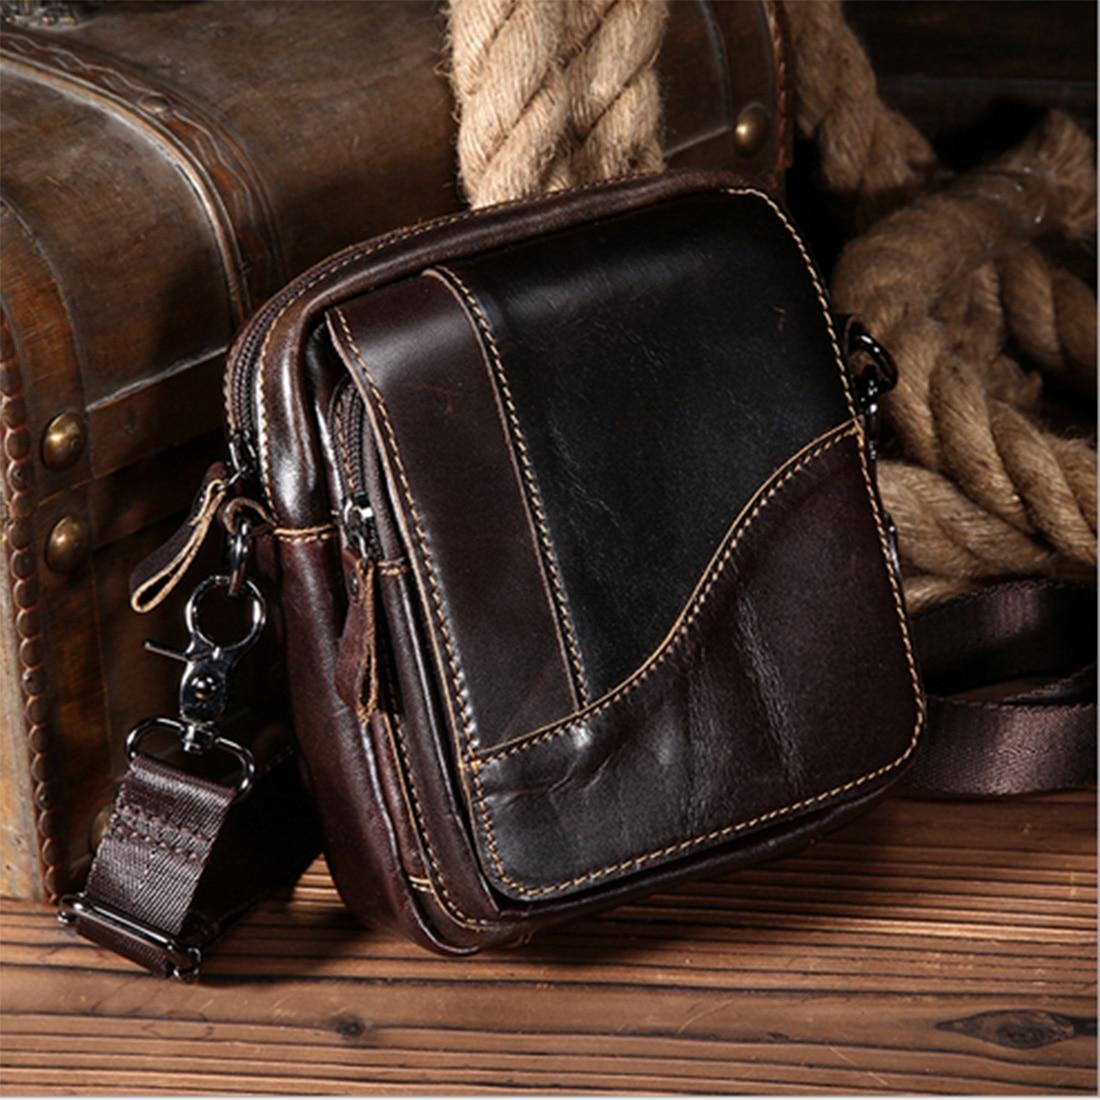 ARESLAND Genuine Leather Men Shoulder Bags Business Messenger Male Single Shoulder Bag Vintage Small MenS Bag Zipper Crossbody